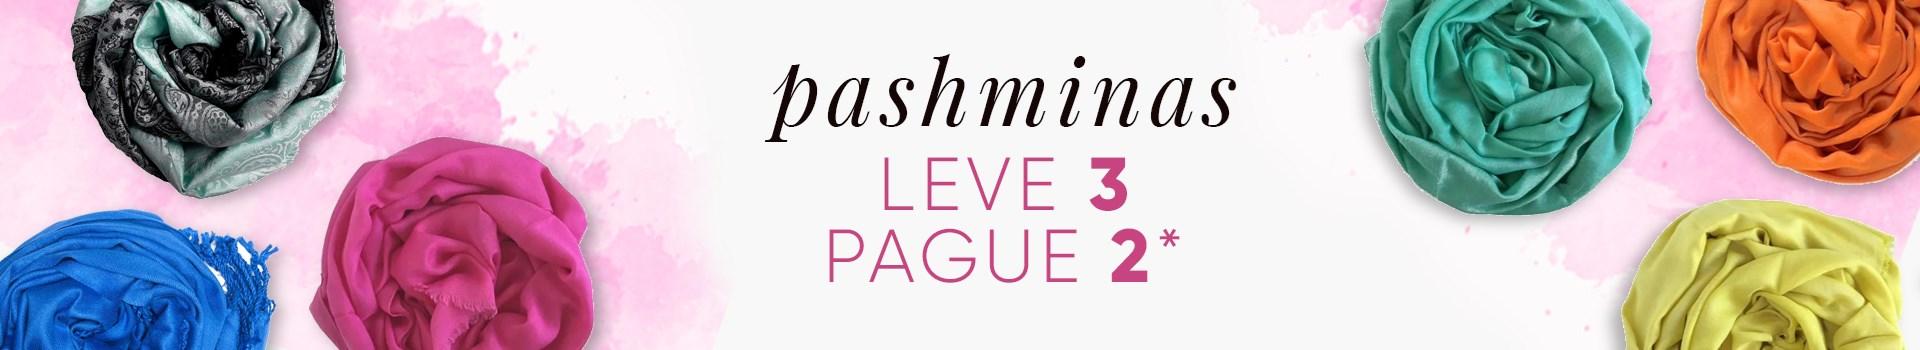 Pashmina - Leve 3 Pague 2